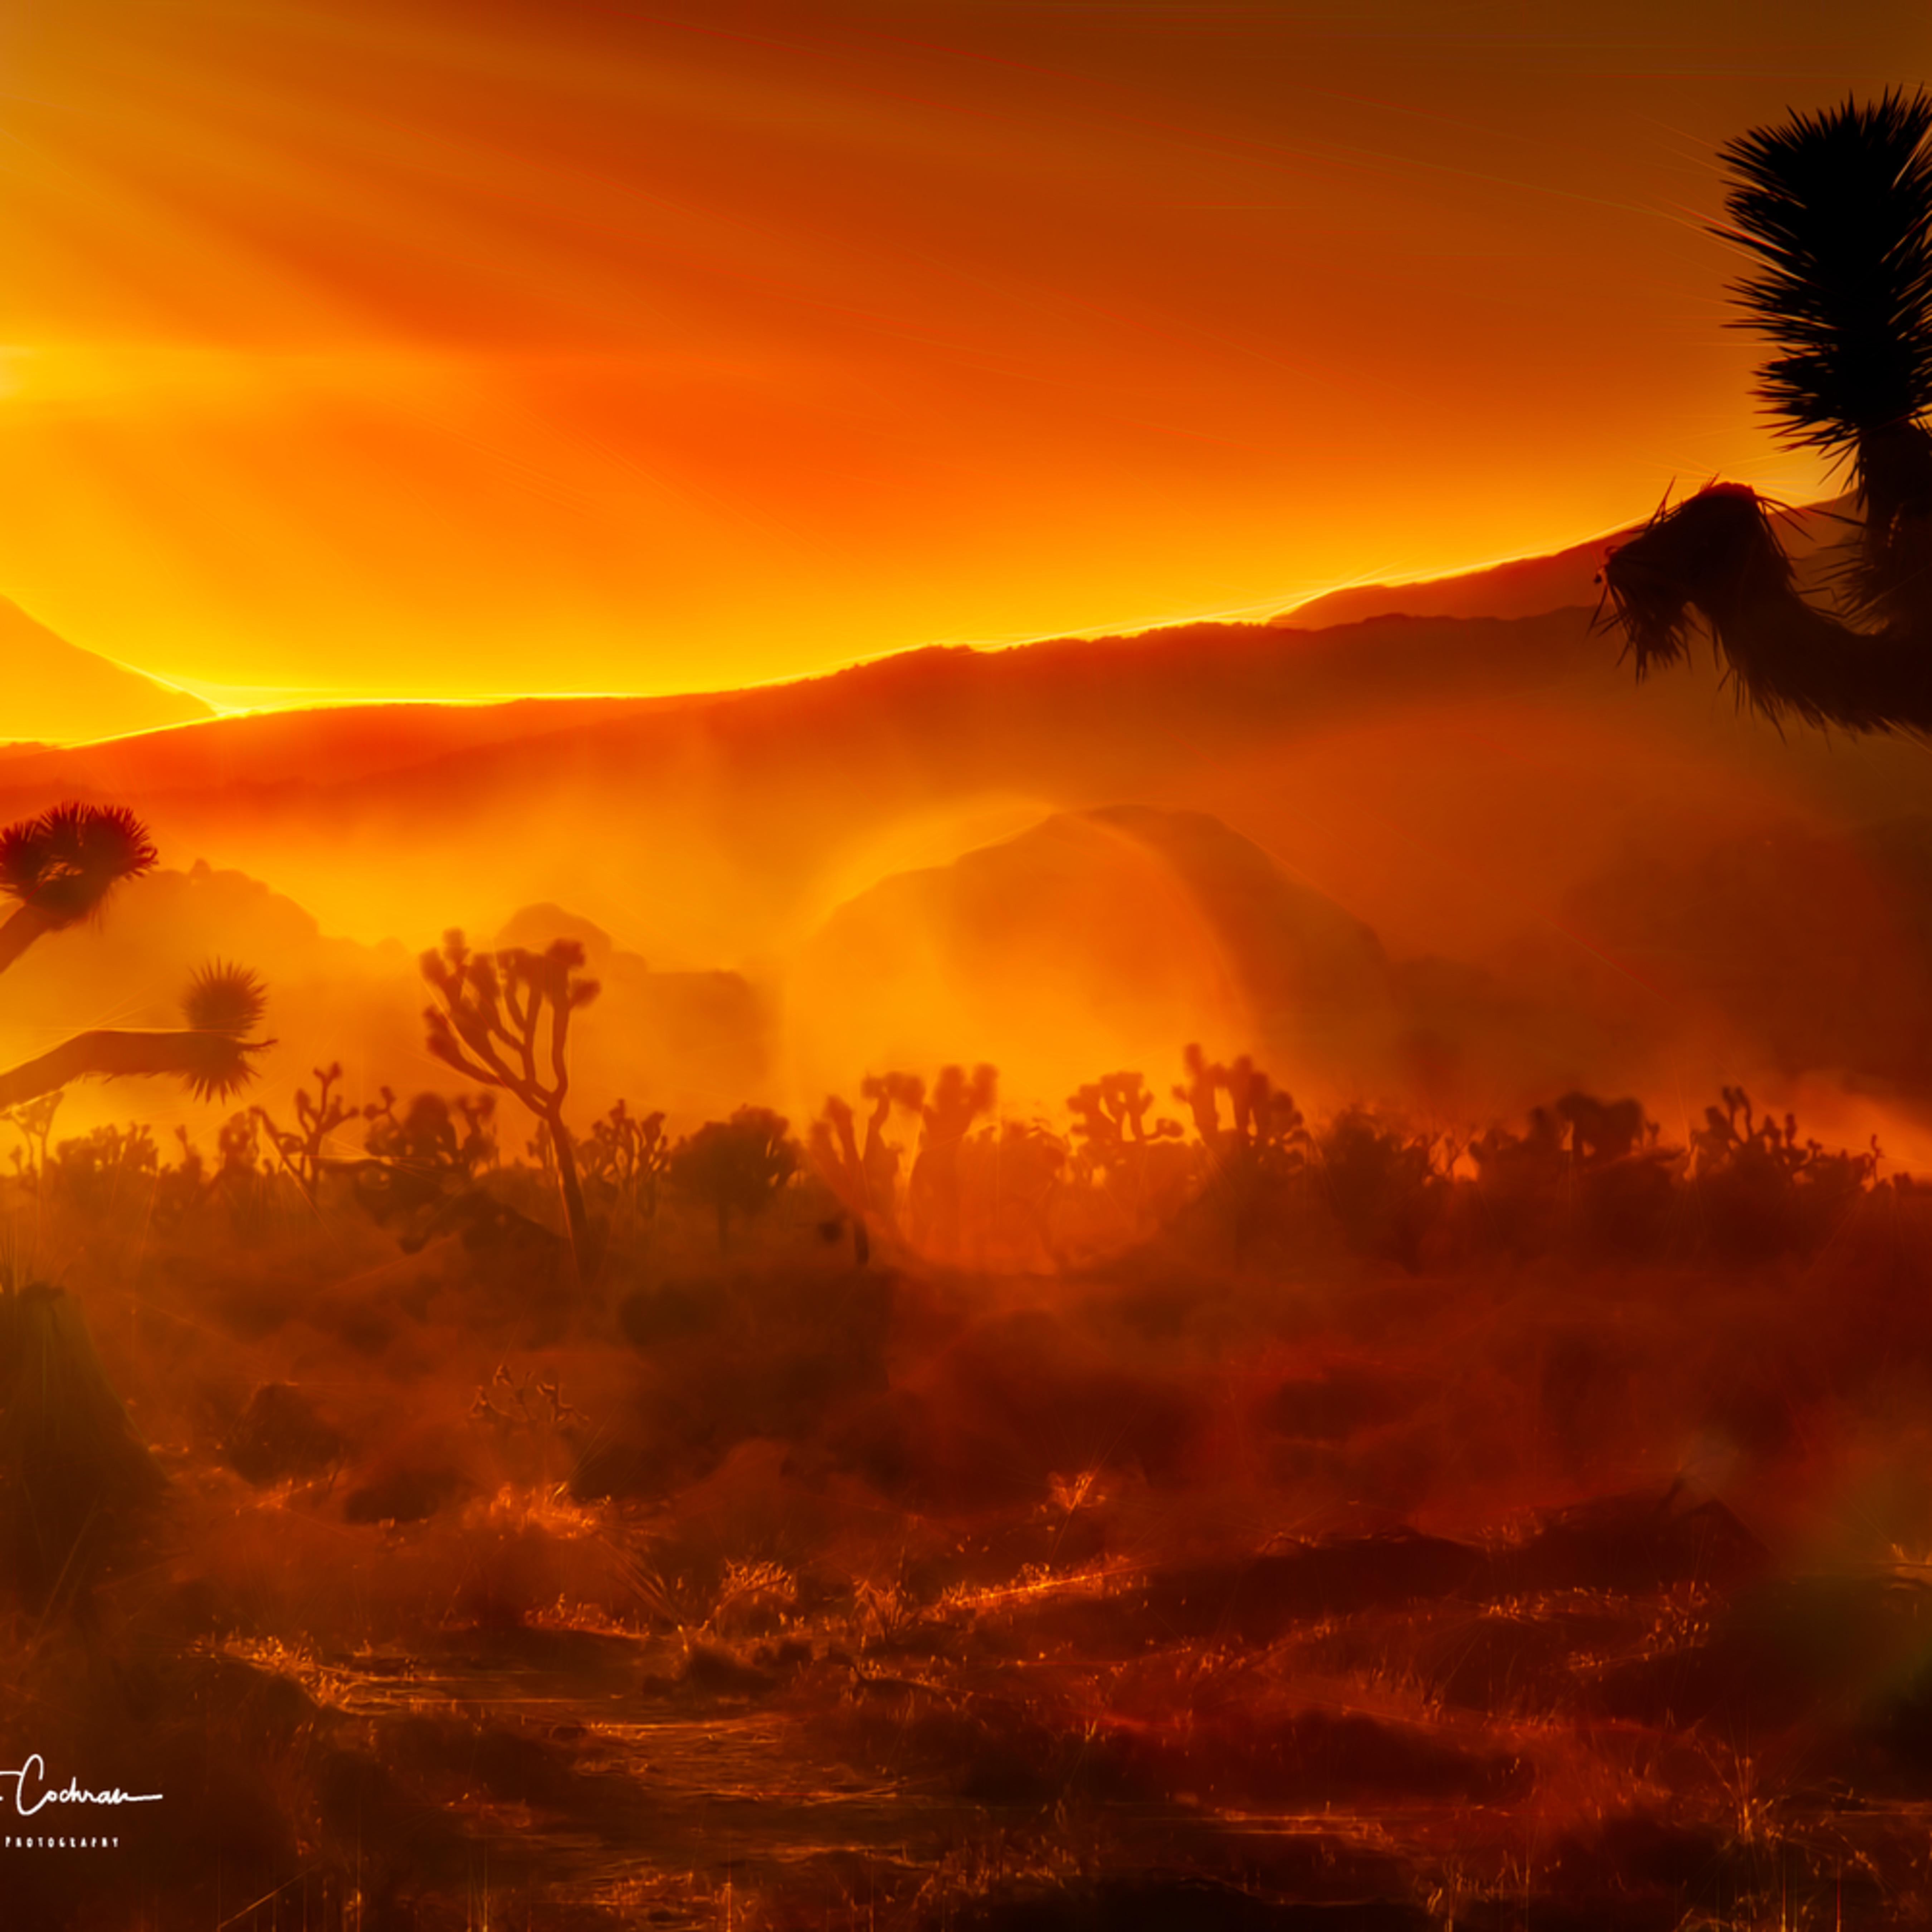 Mystical desert sunset sazutz